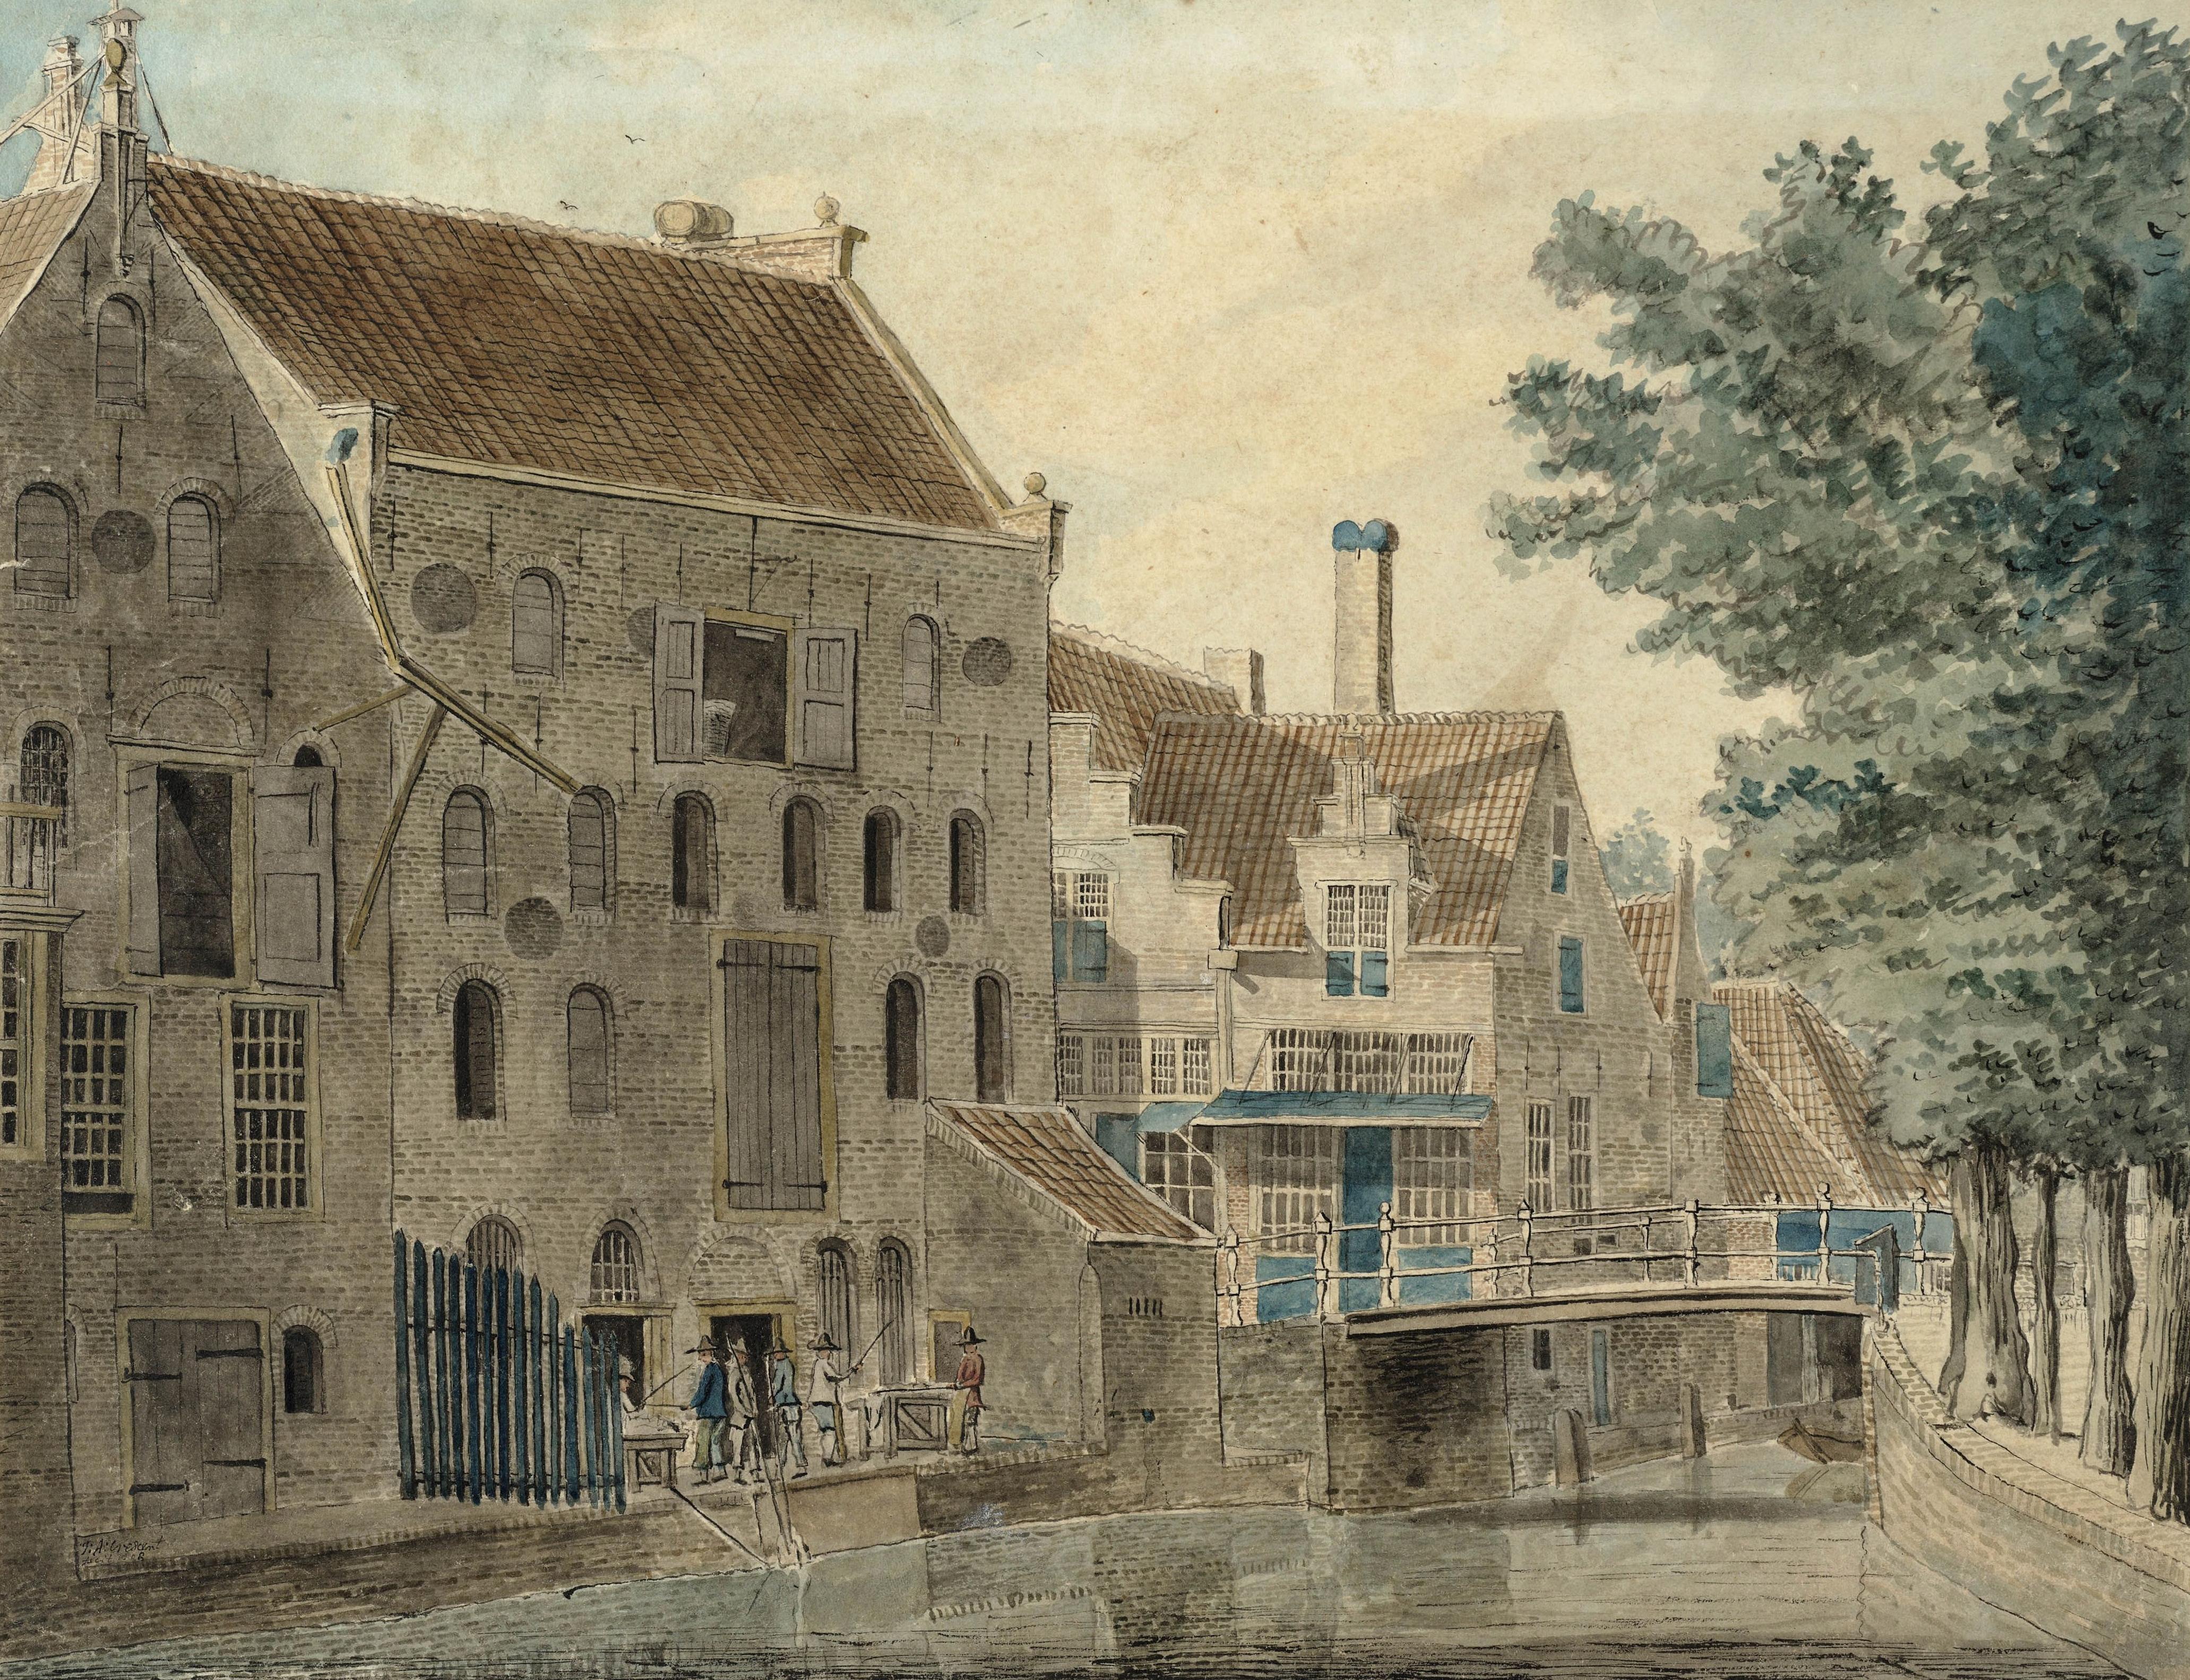 Onbetrouwbaar drinkwater leidt tot felle bieroorlog tussen Alkmaar en Haarlem. En de belastinginspecteur sjoemelt lekker mee